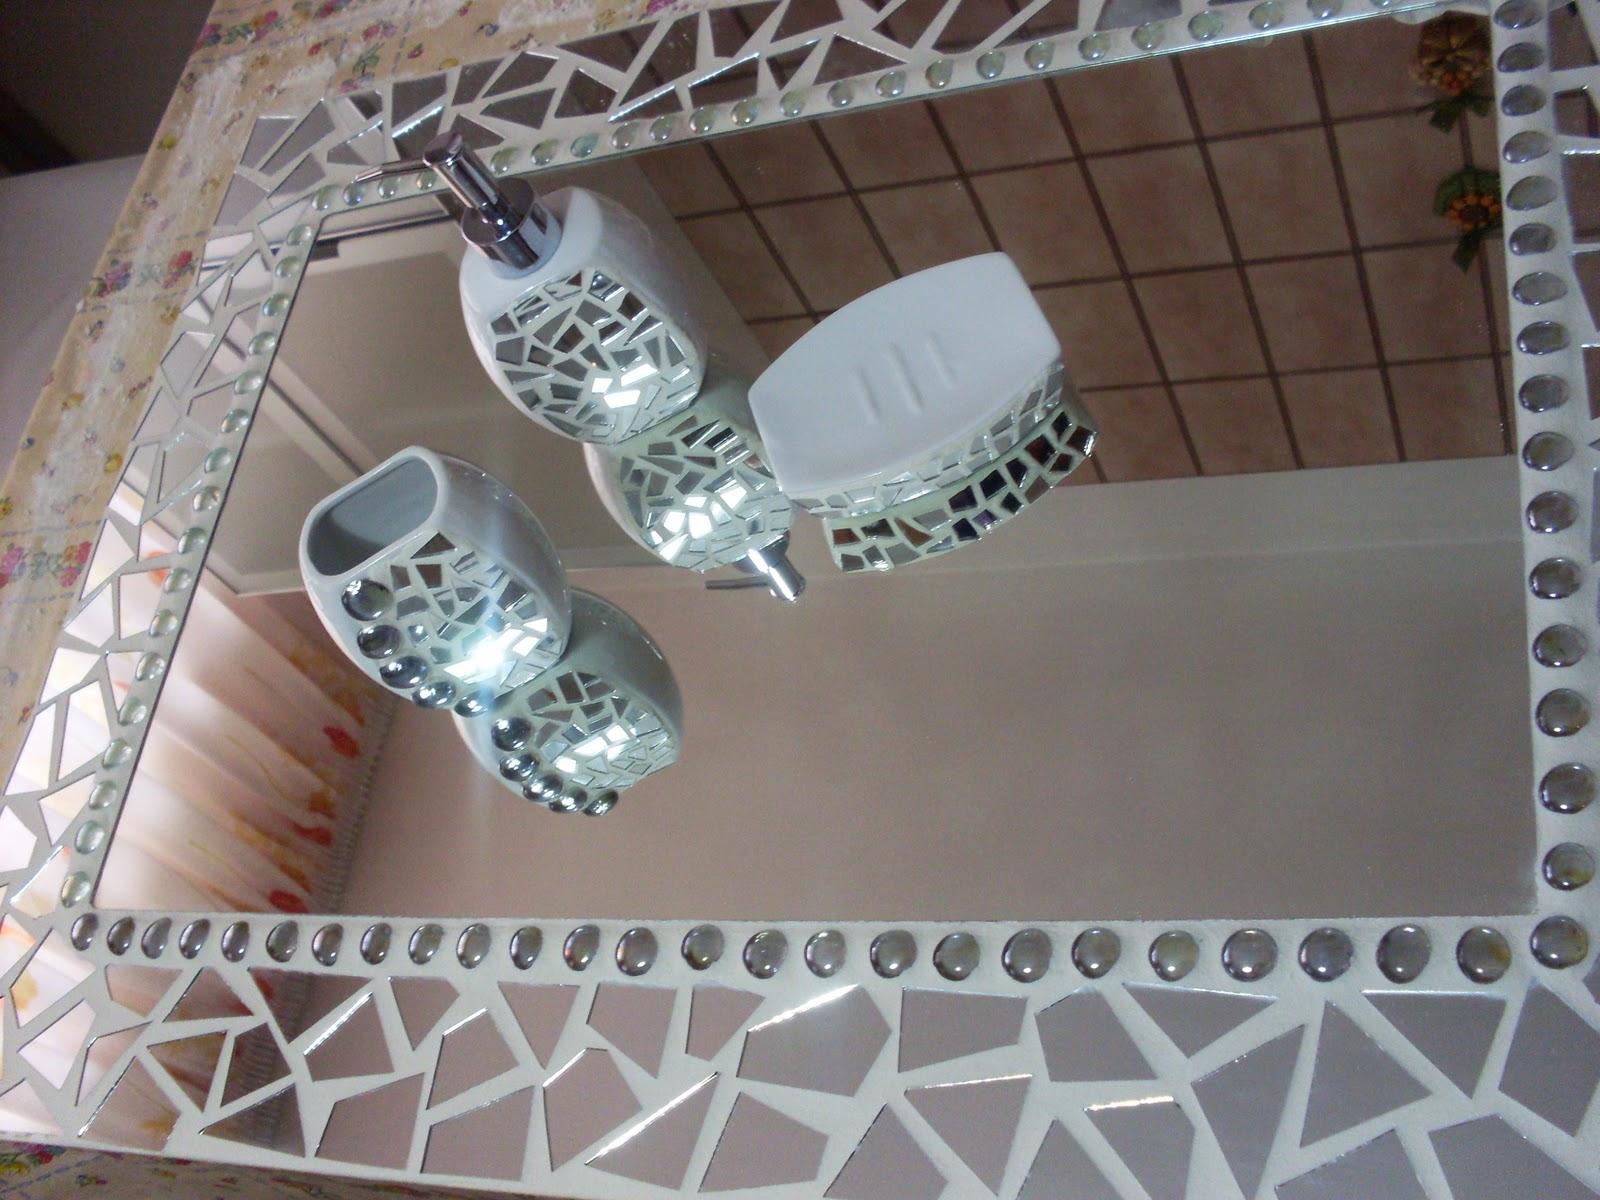 Creazioni artistiche di maria elena gentile specchio - Specchio con mosaico ...